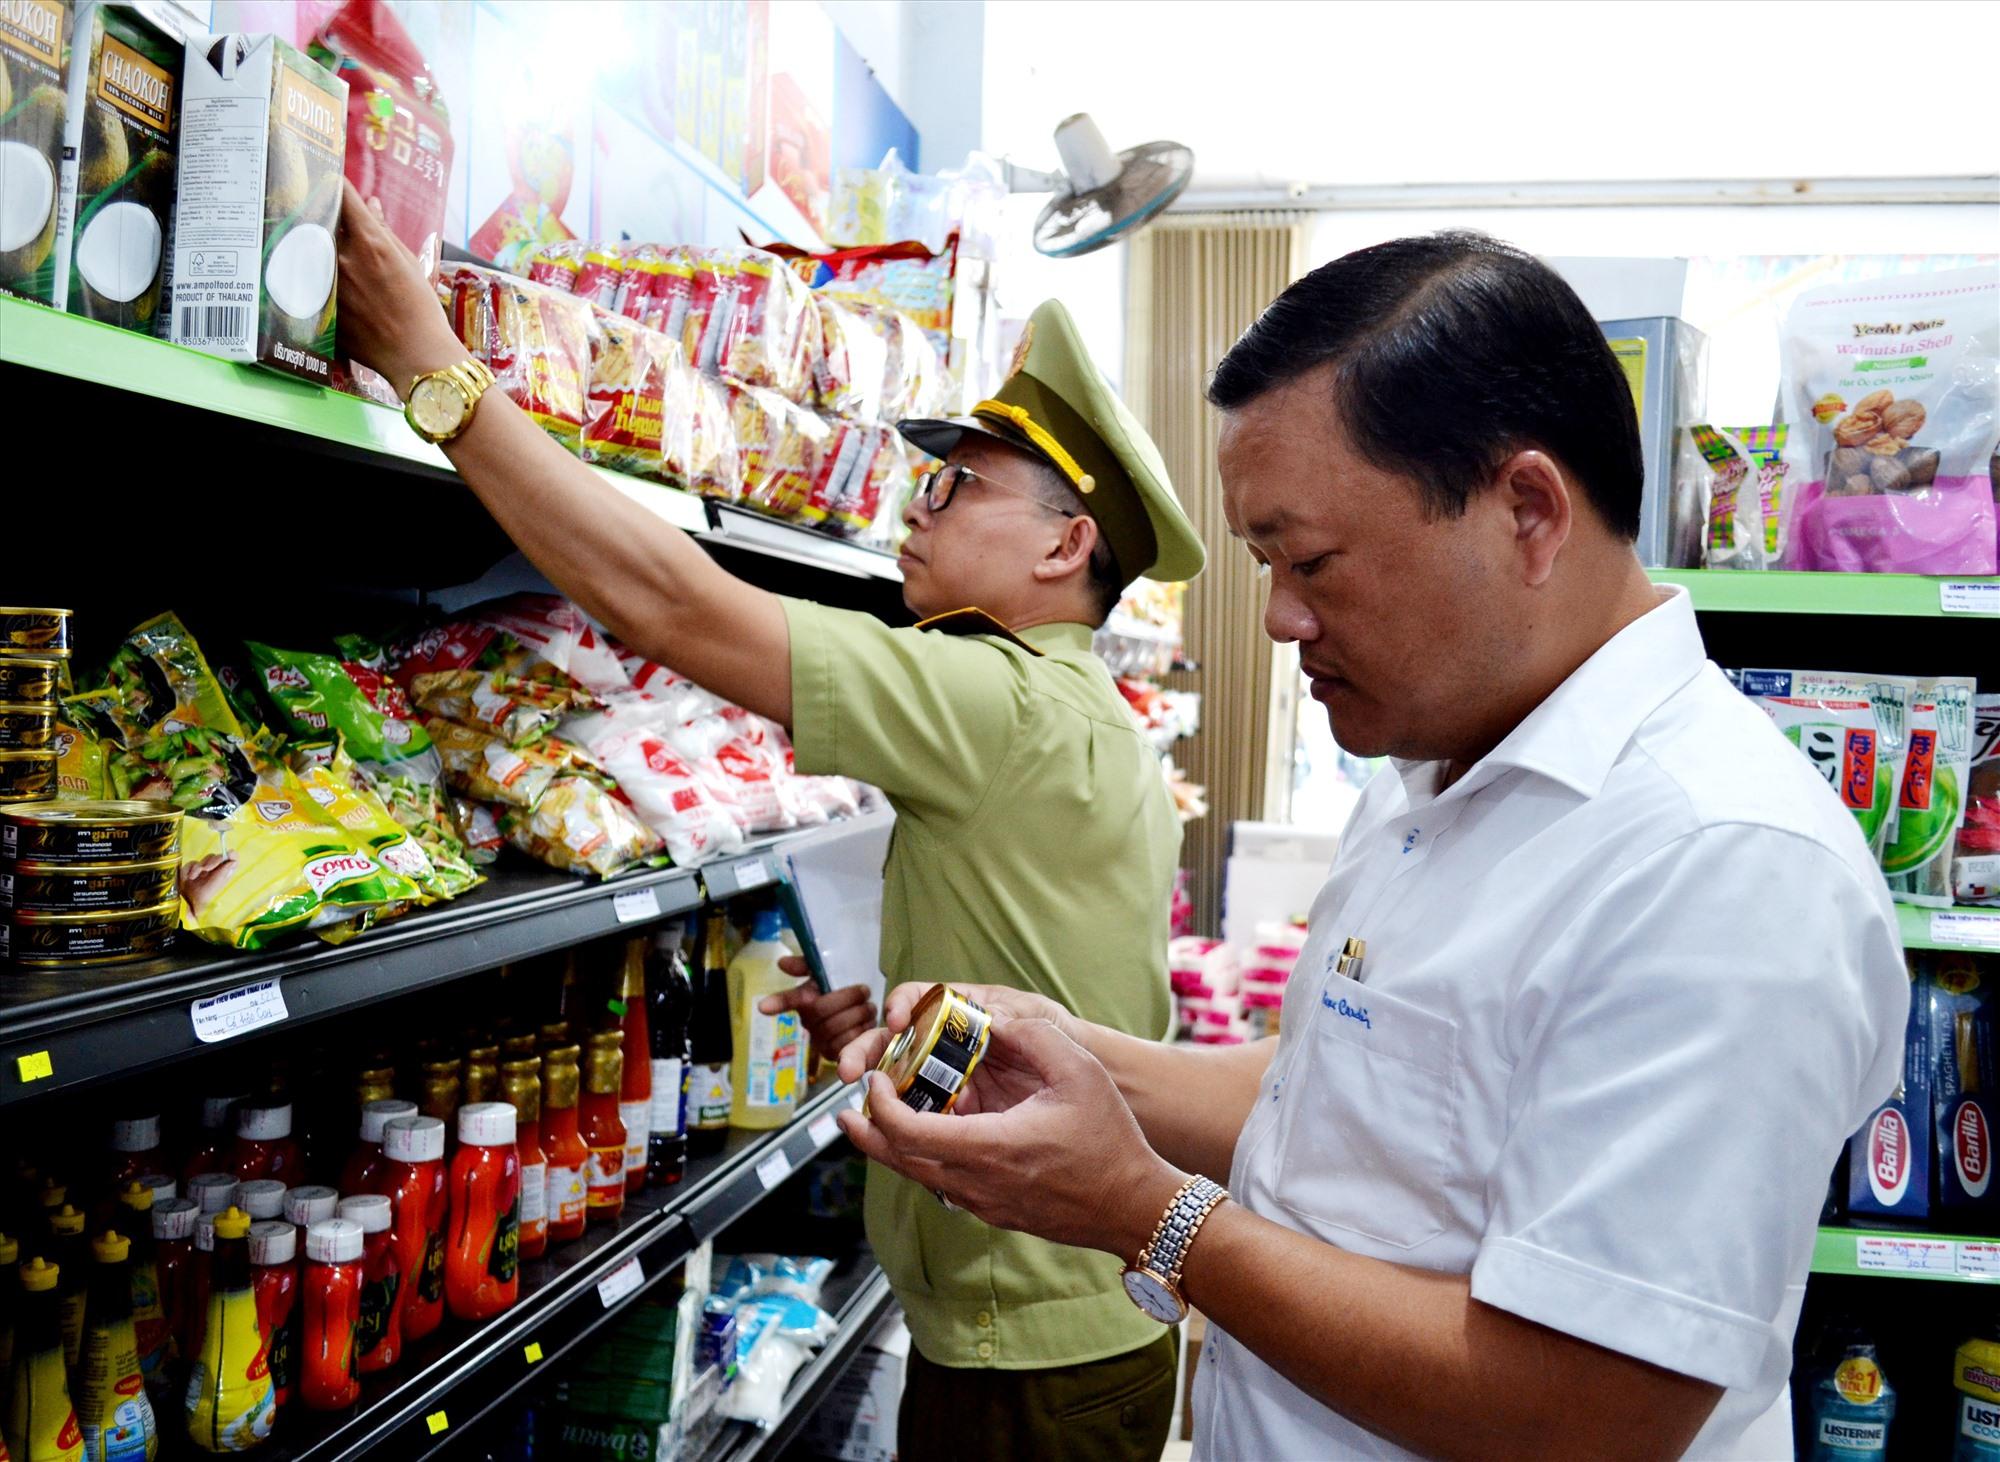 Ngành chức năng kiểm tra, kiểm soát thị trường để bảo vệ người tiêu dùng. Ảnh: VIỆT NGUYỄN